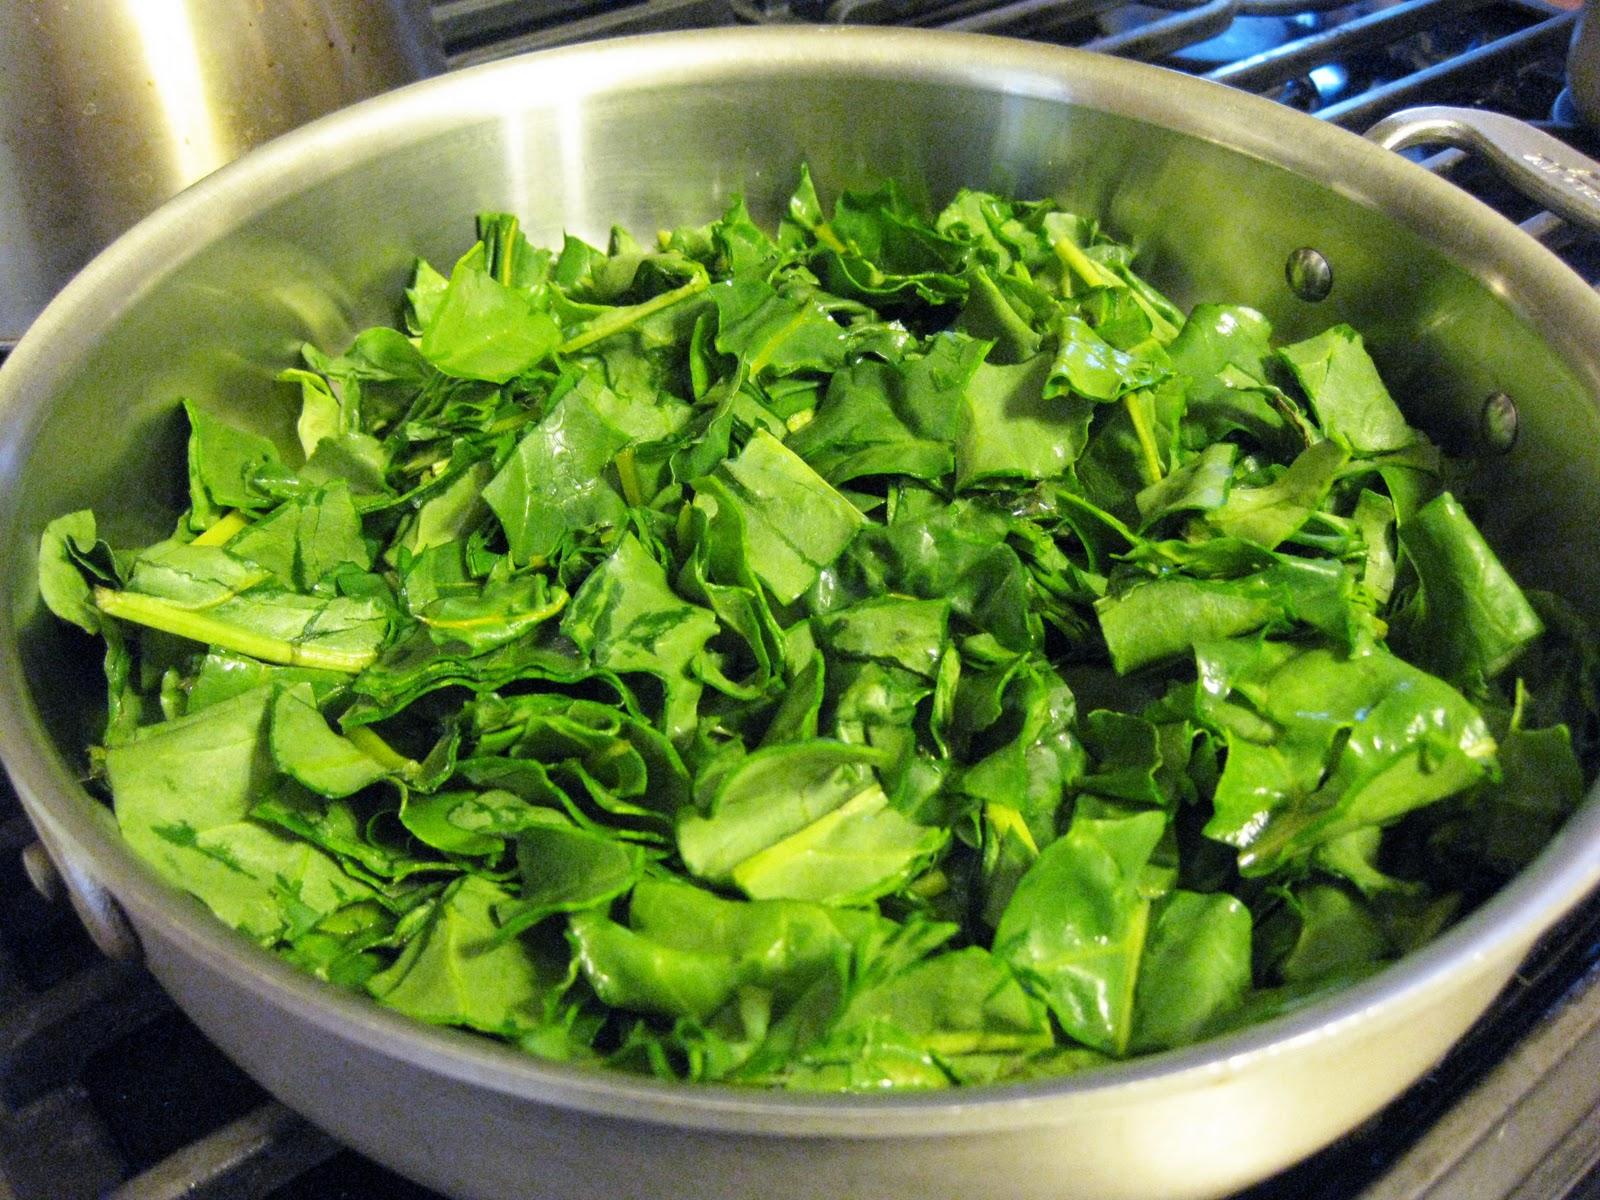 beet greens raw